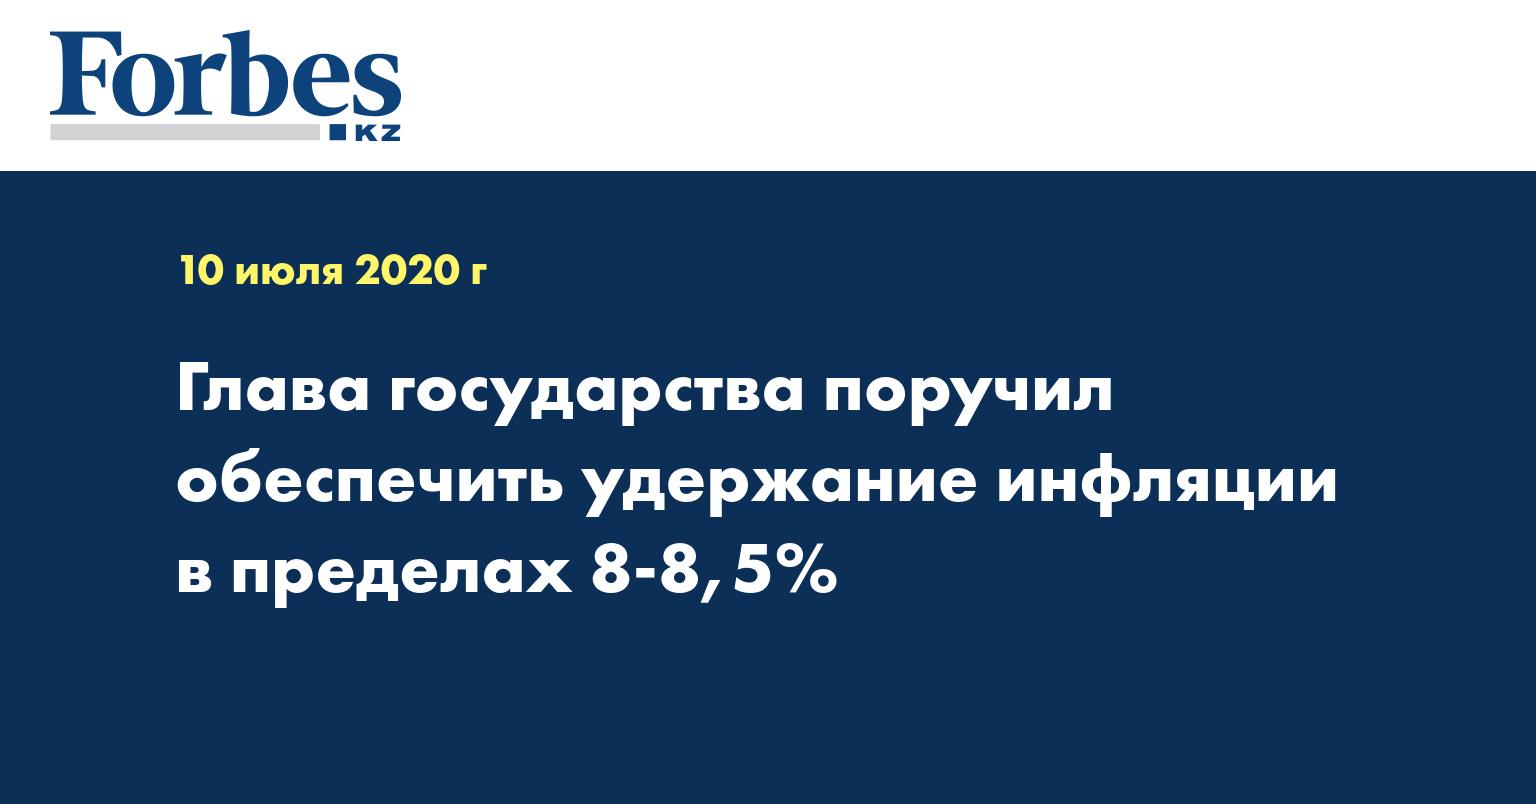 Глава государства поручил обеспечить удержание инфляции в пределах 8-8,5%